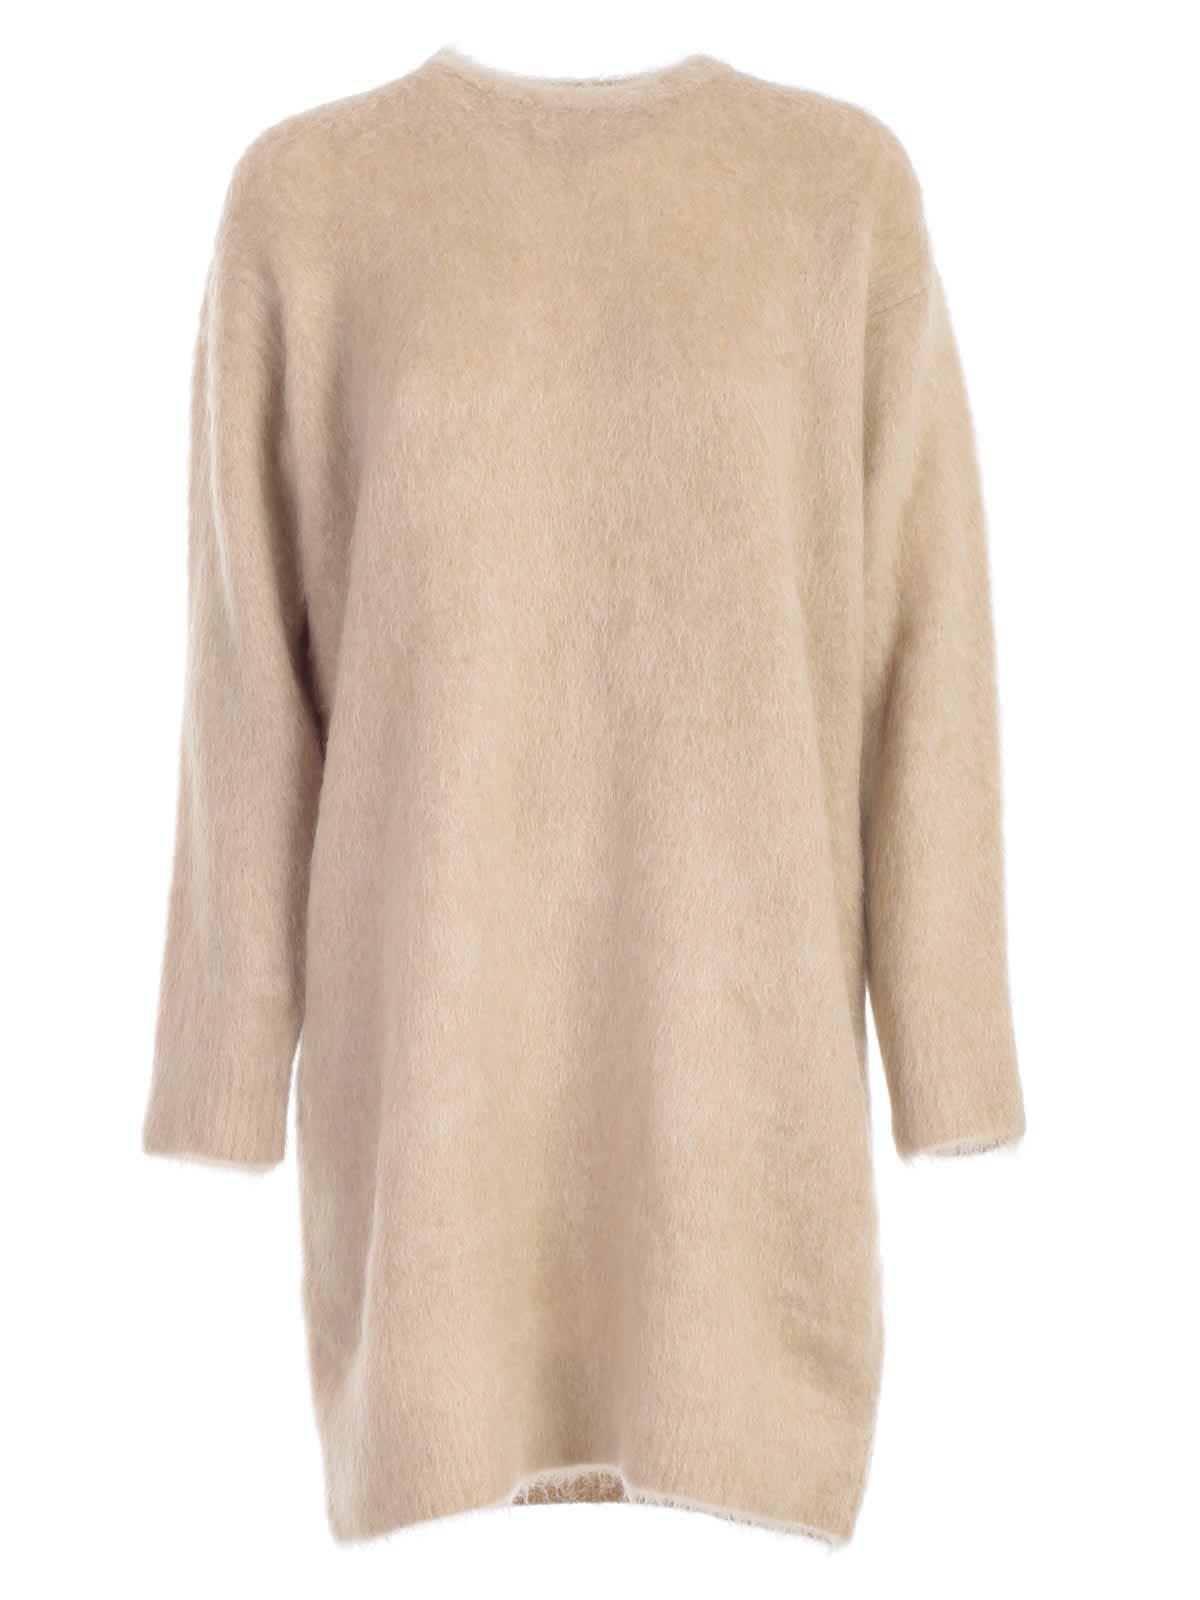 Max Mara Calte Knitted Dress